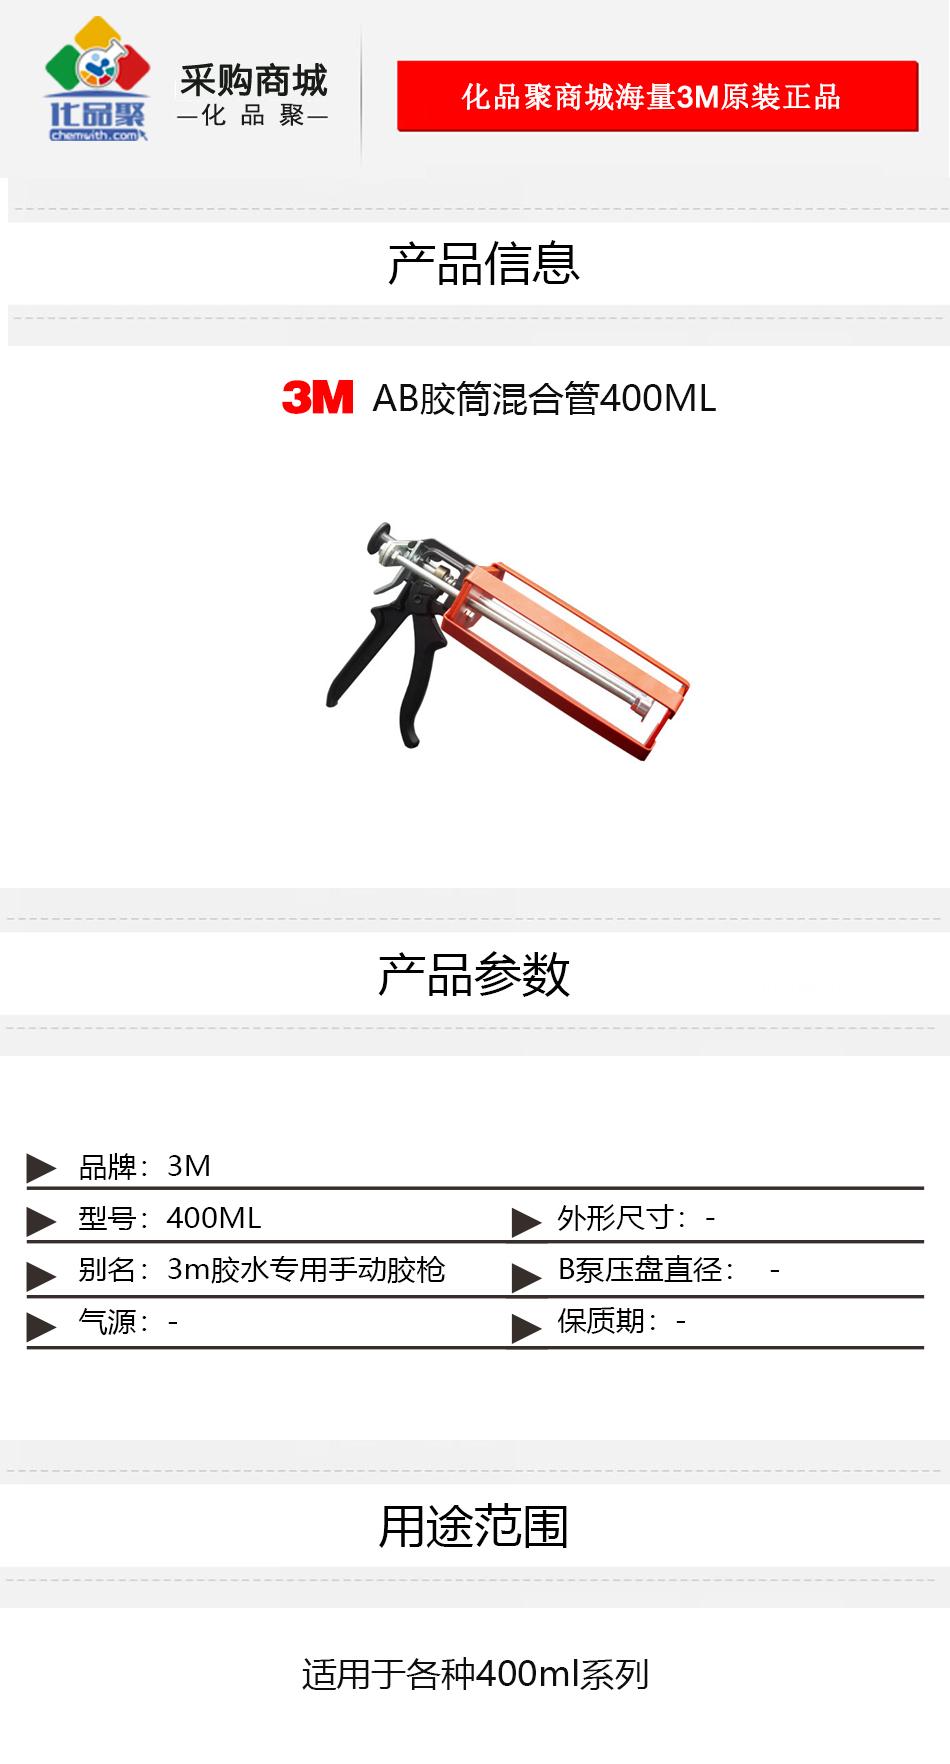 3M混合管400ml专用手动胶枪